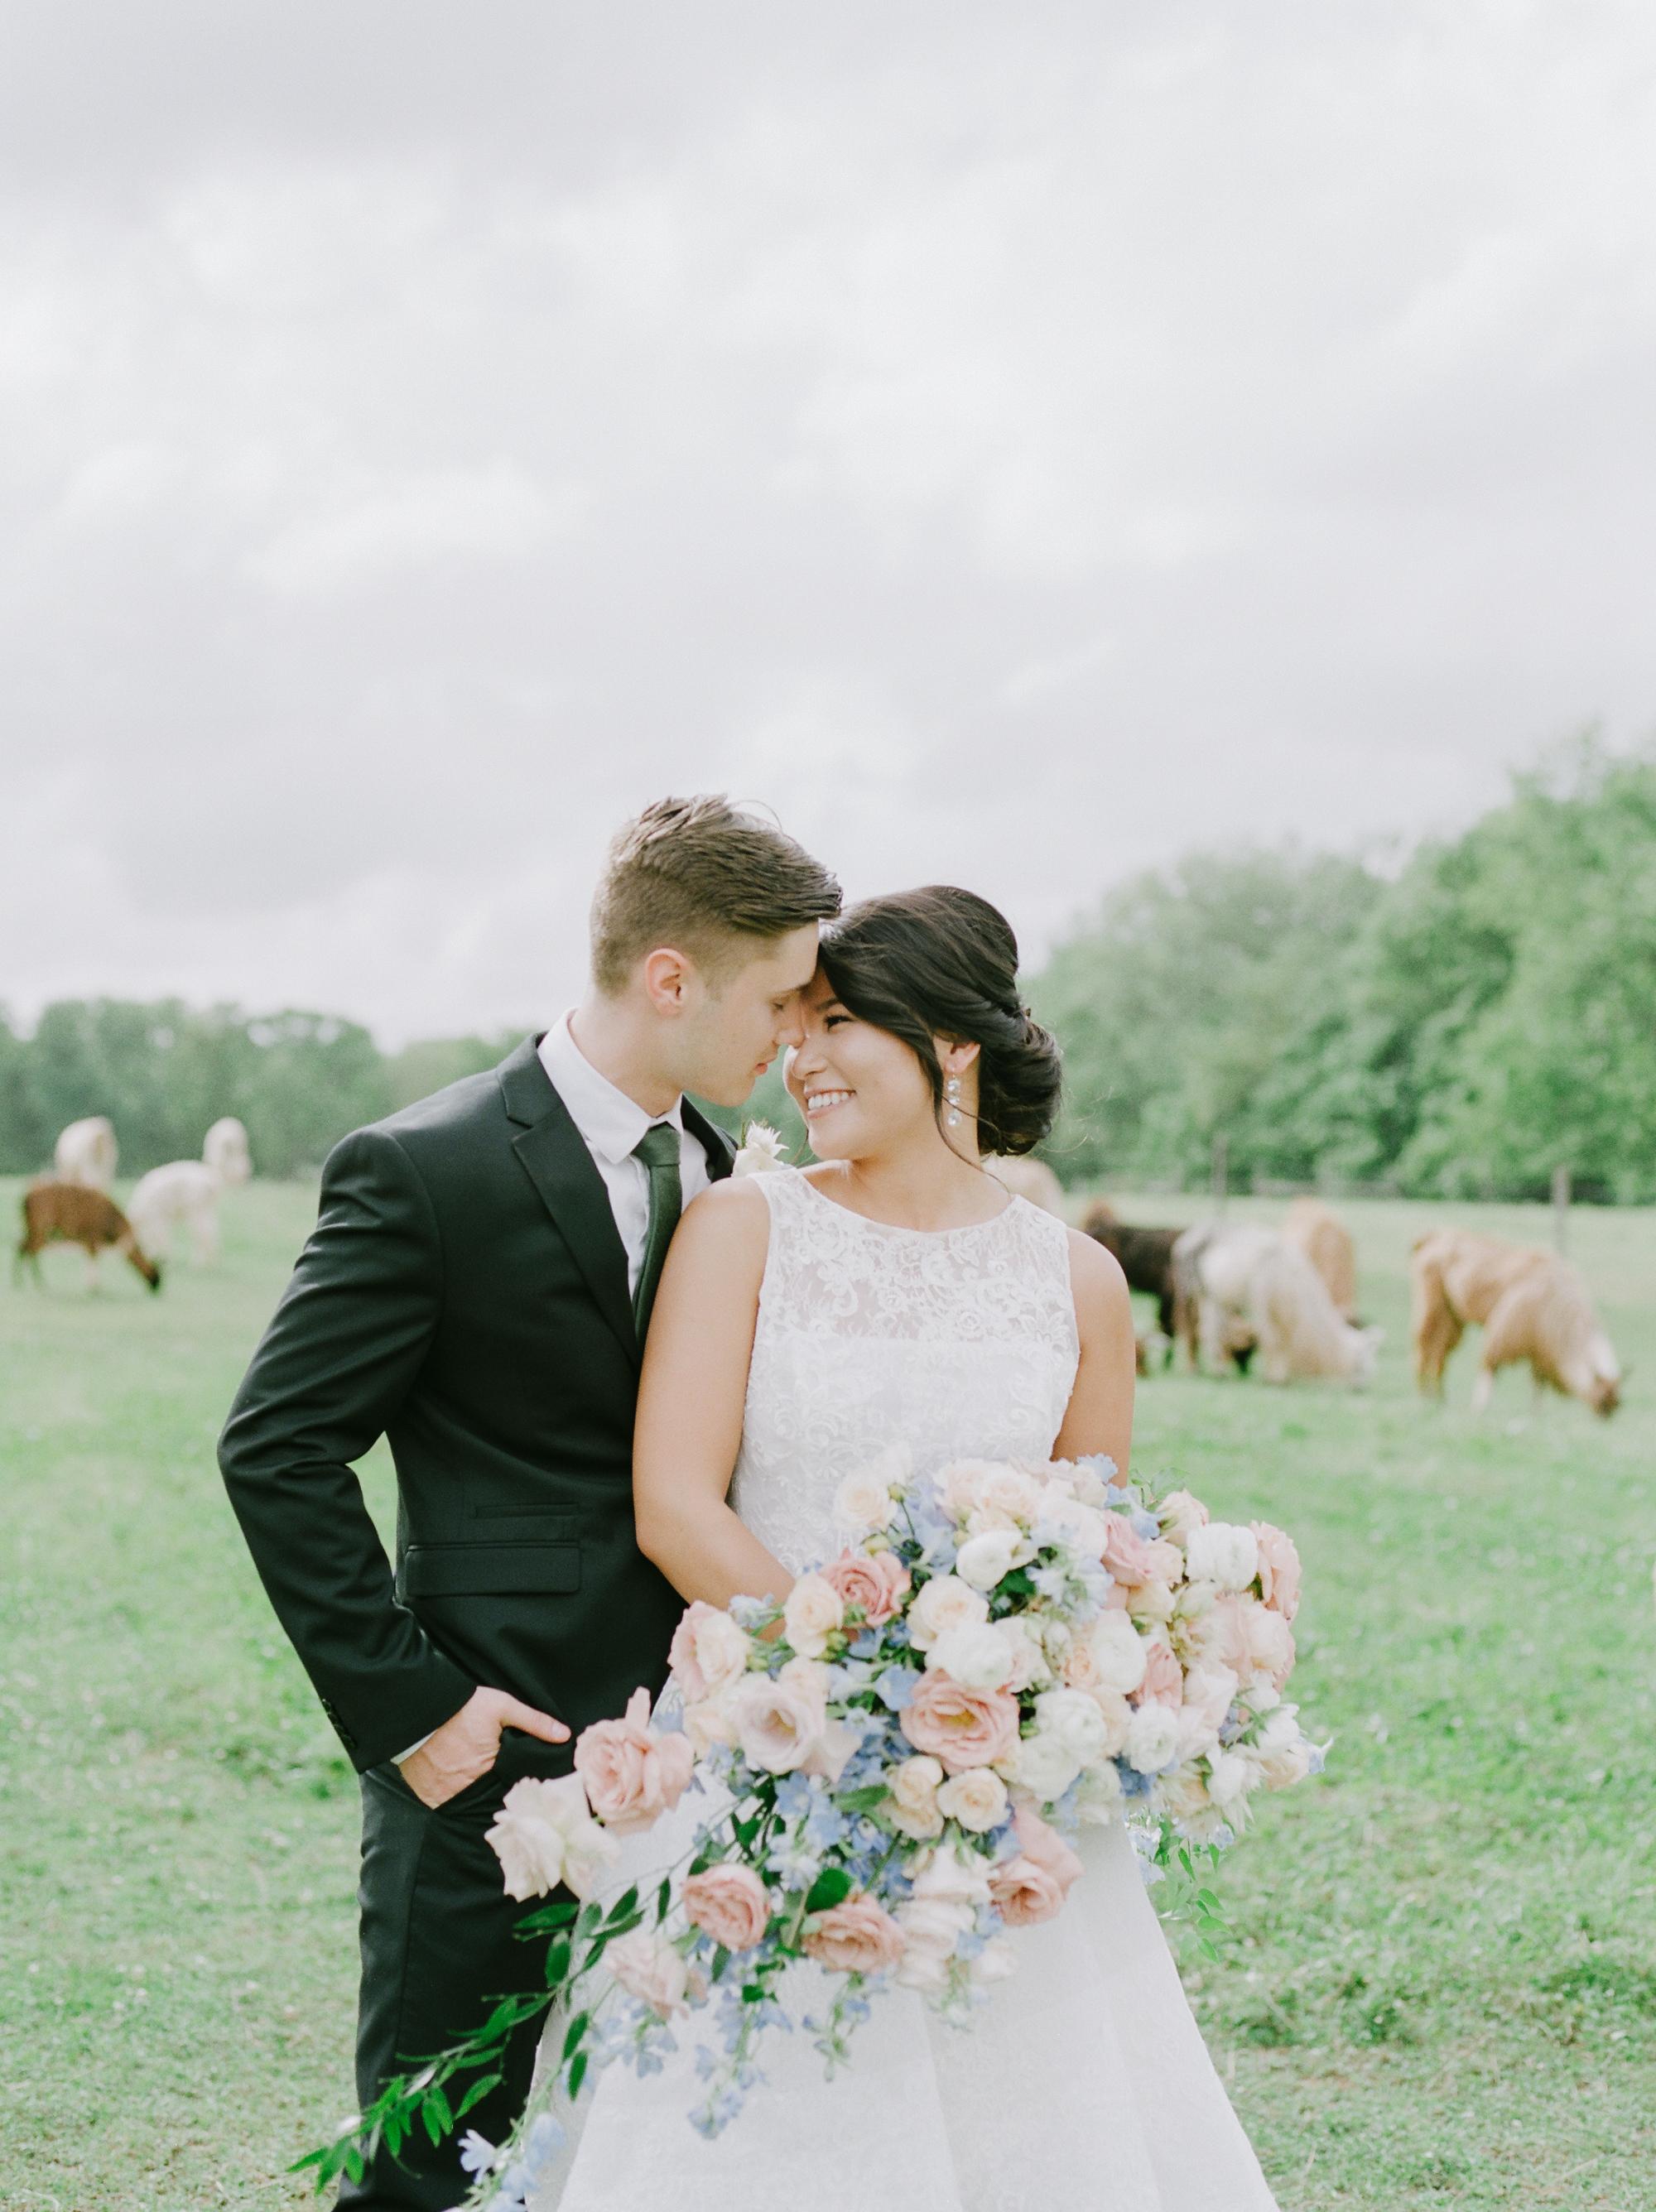 nj_alpaca-farm_wedding_inspiration-66.jpg